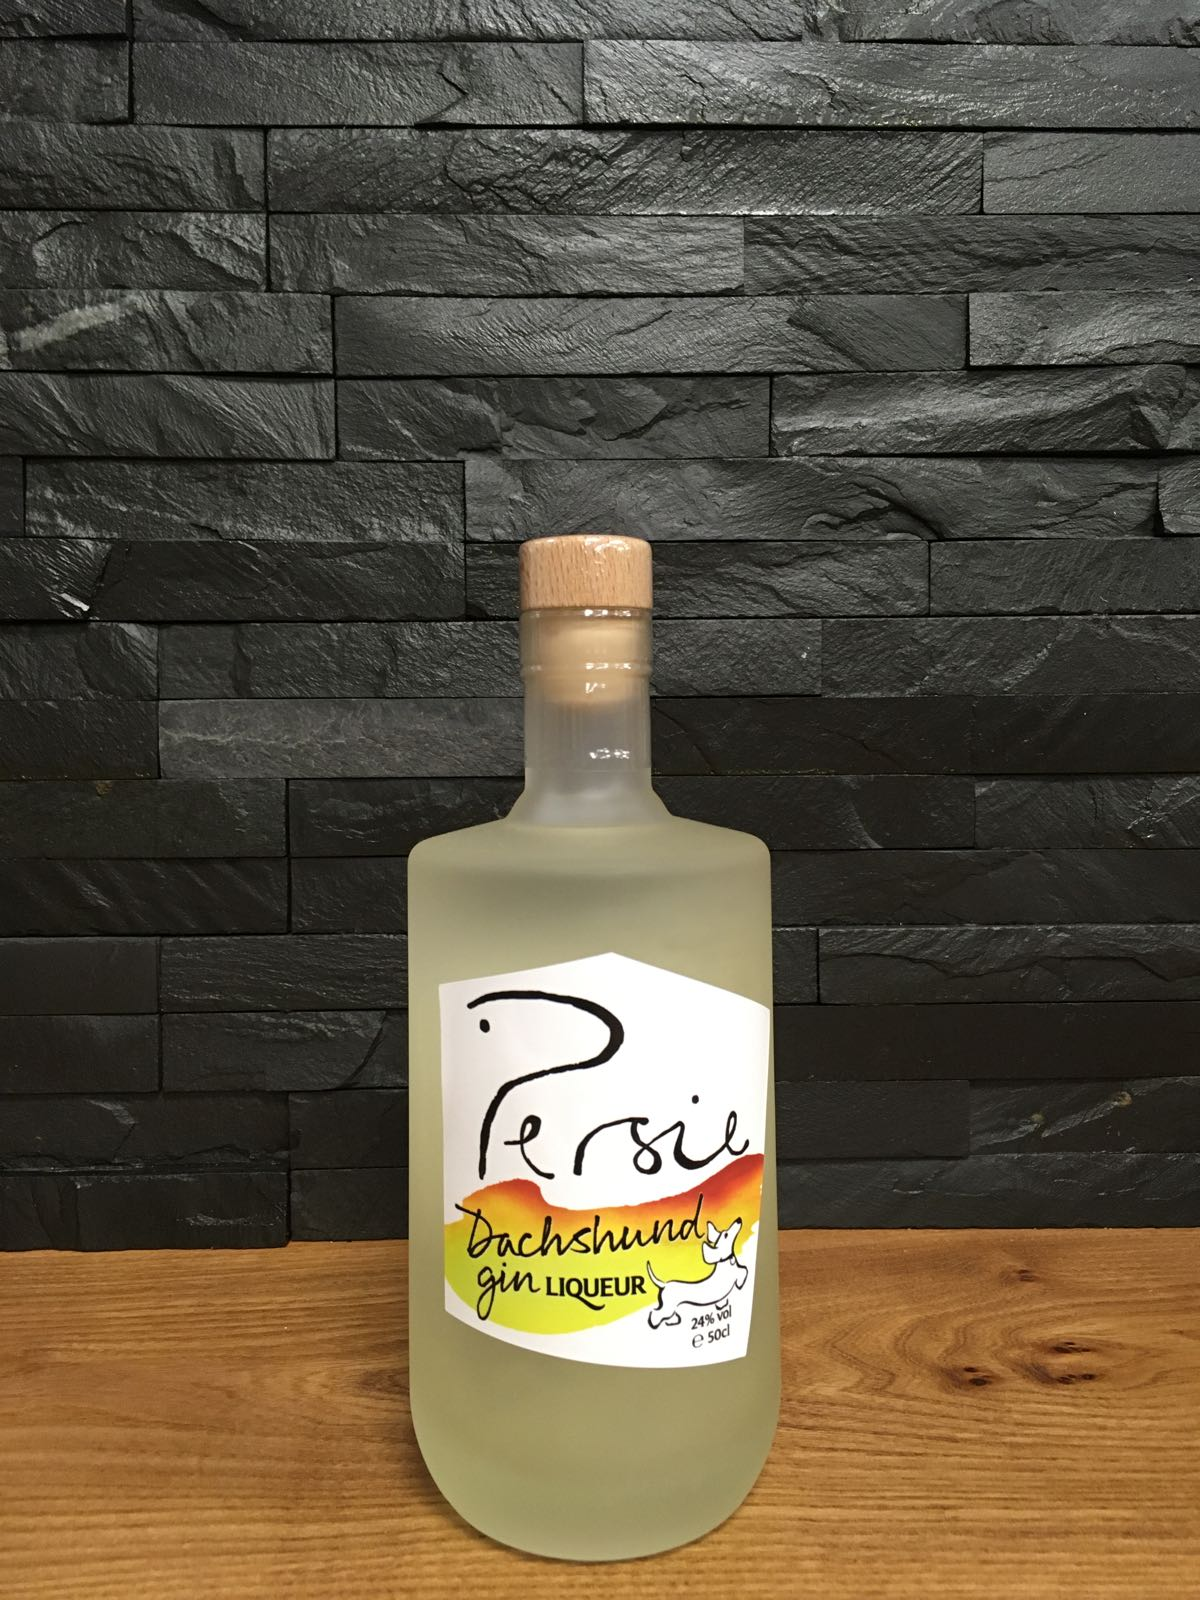 Persie  Dachshund Gin Liqueur 50cl